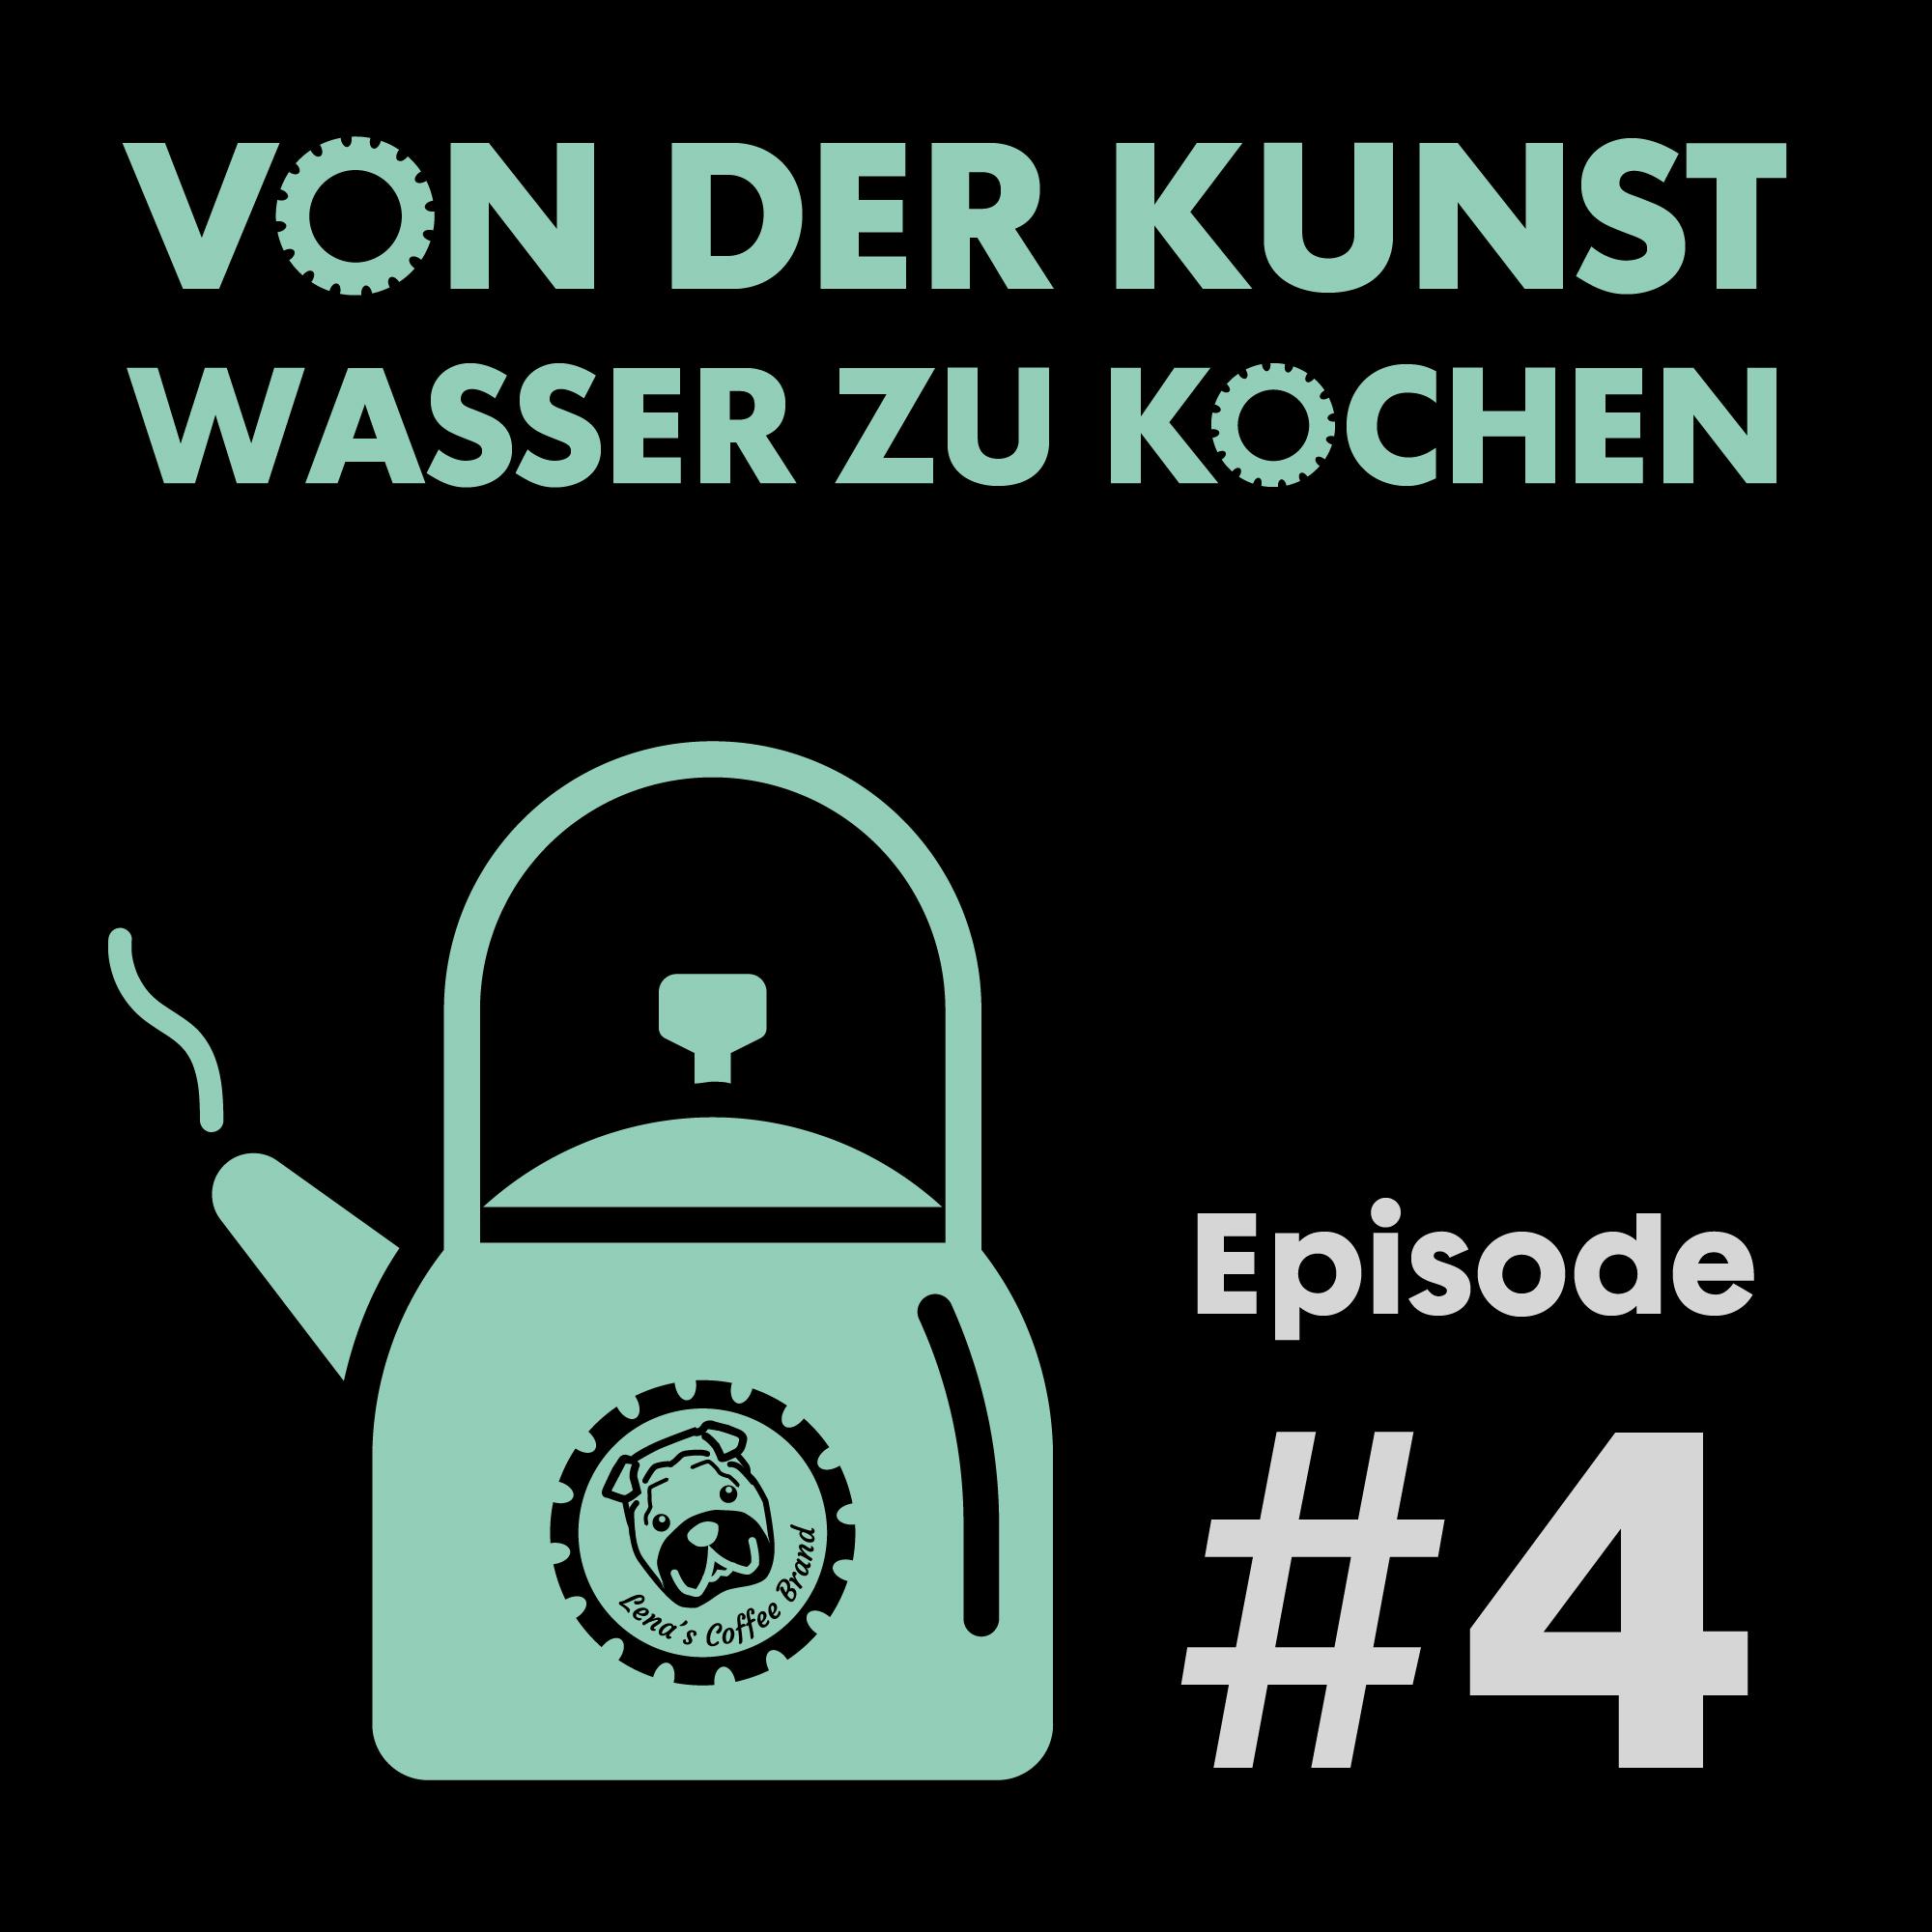 Episode 4 - Der Olympiasieger